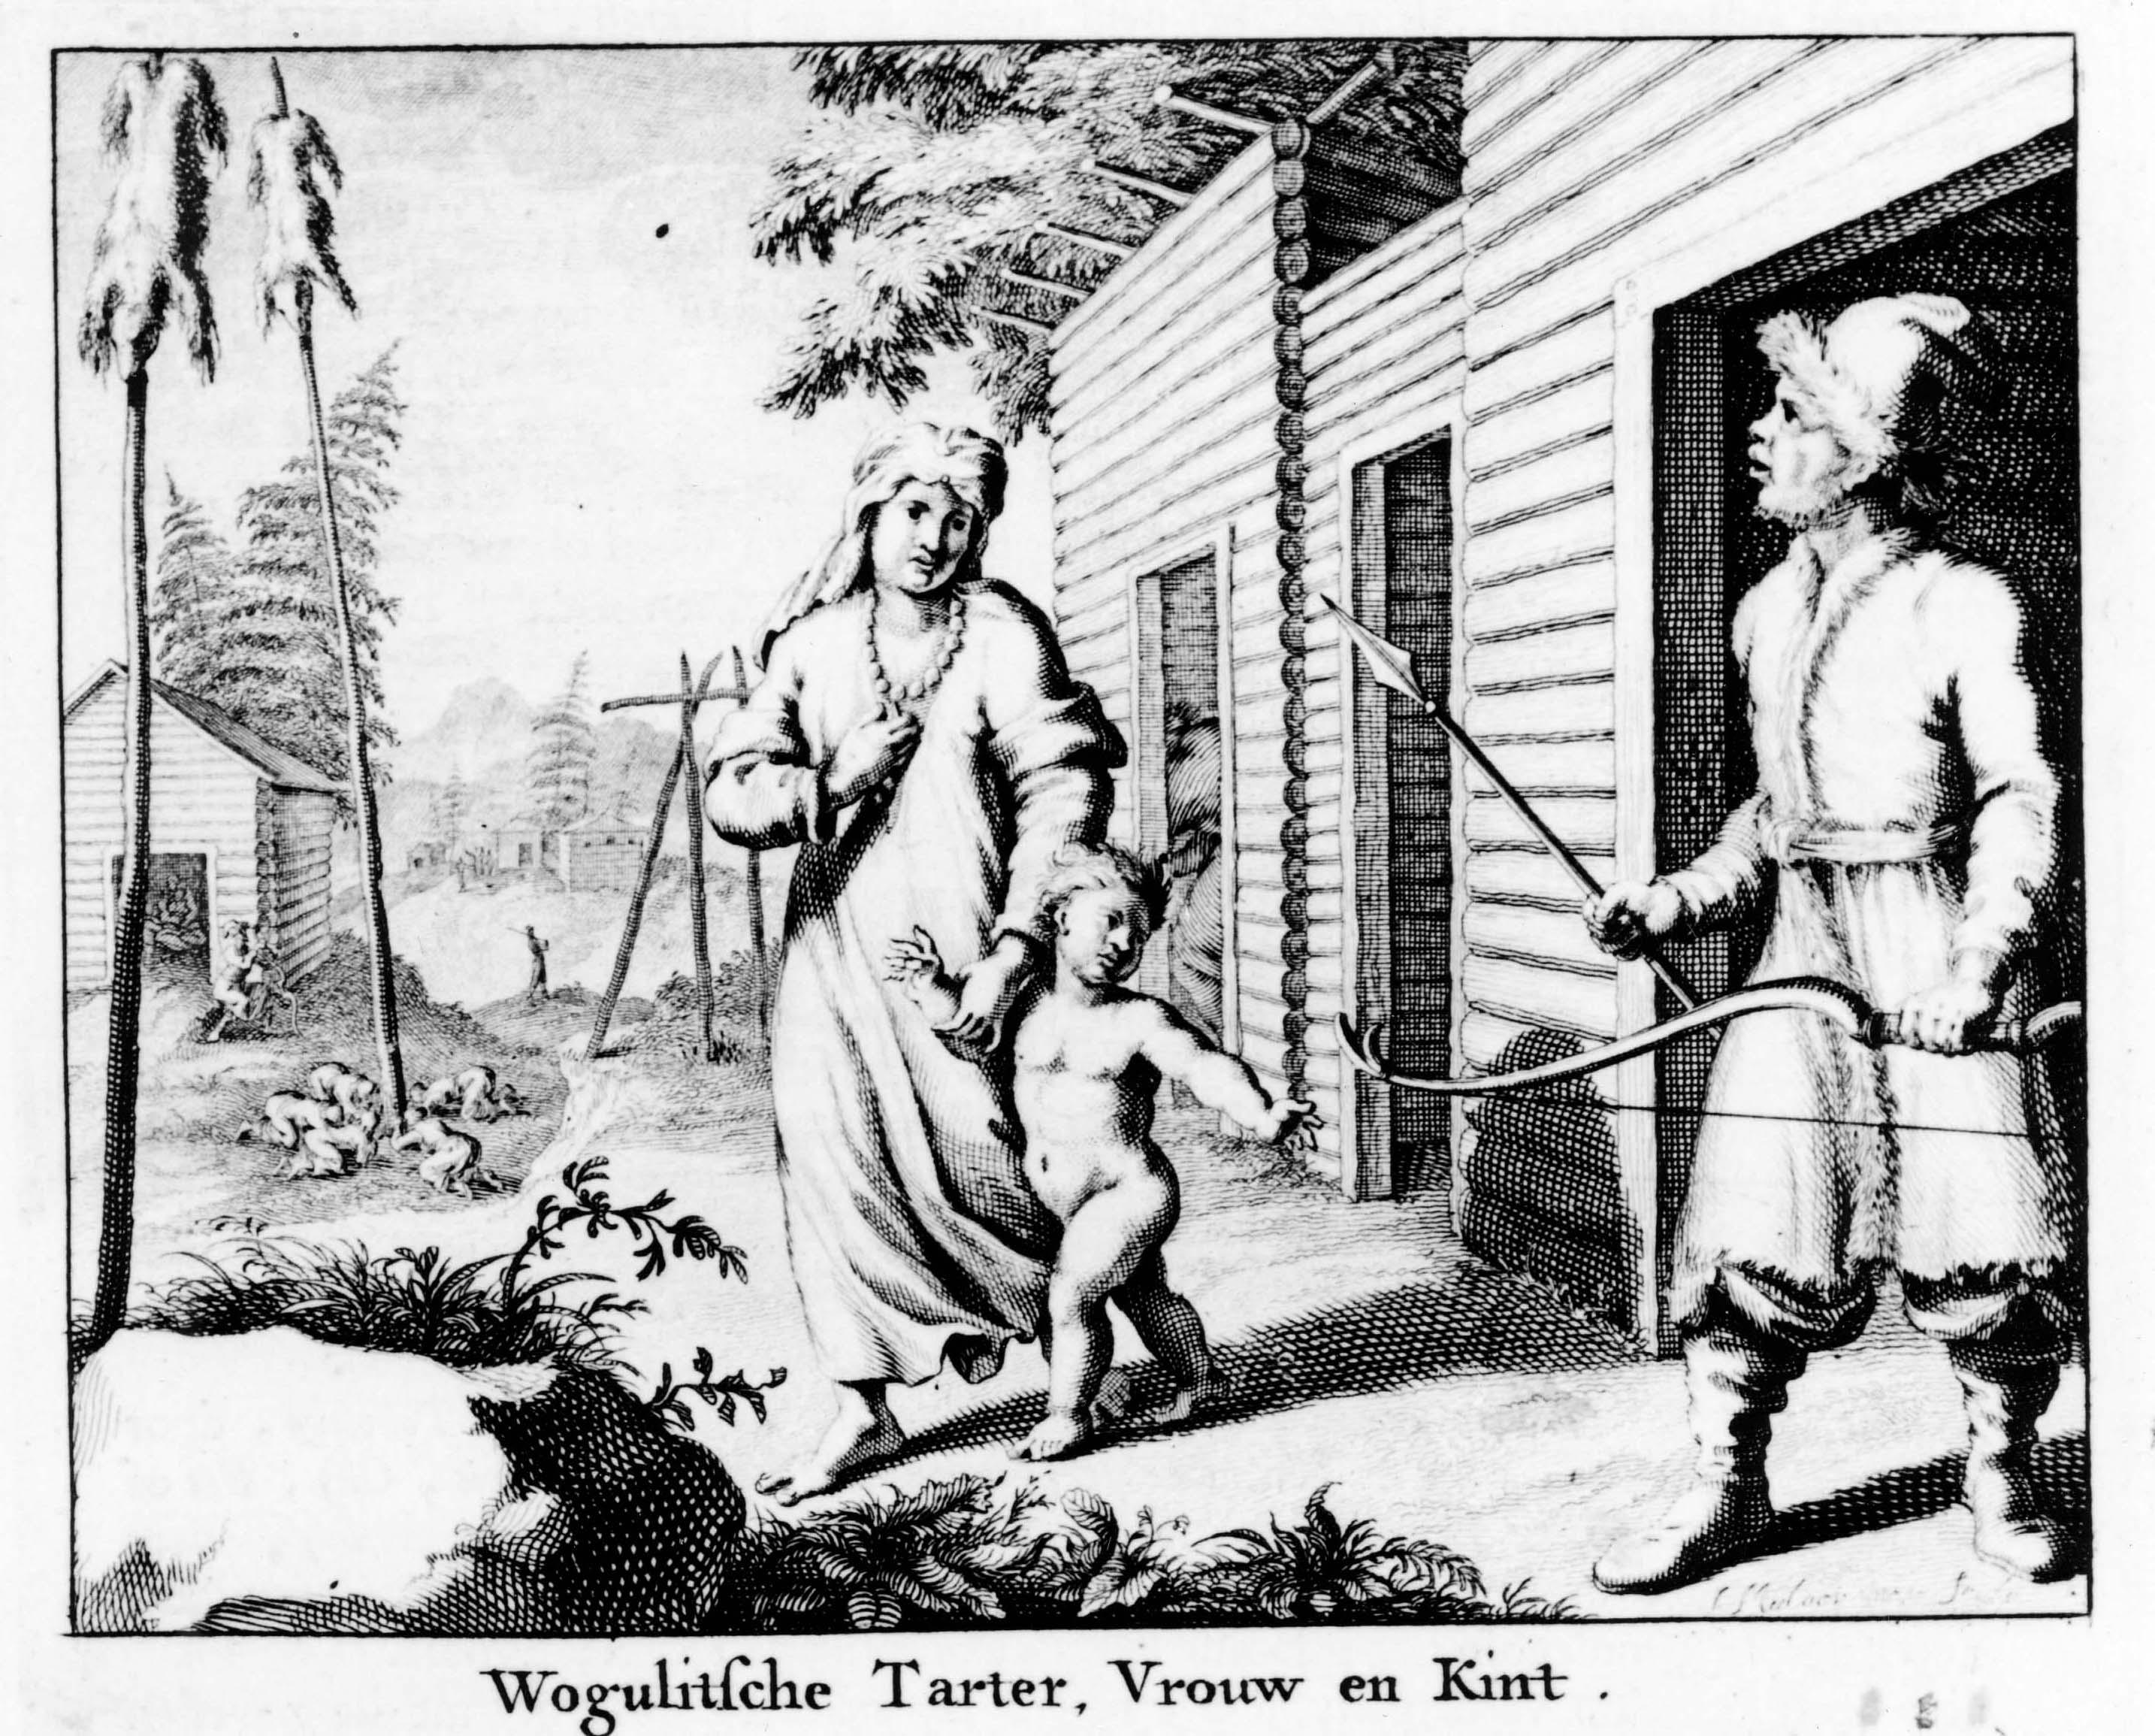 Вогульский тартар, женщина и ребенок